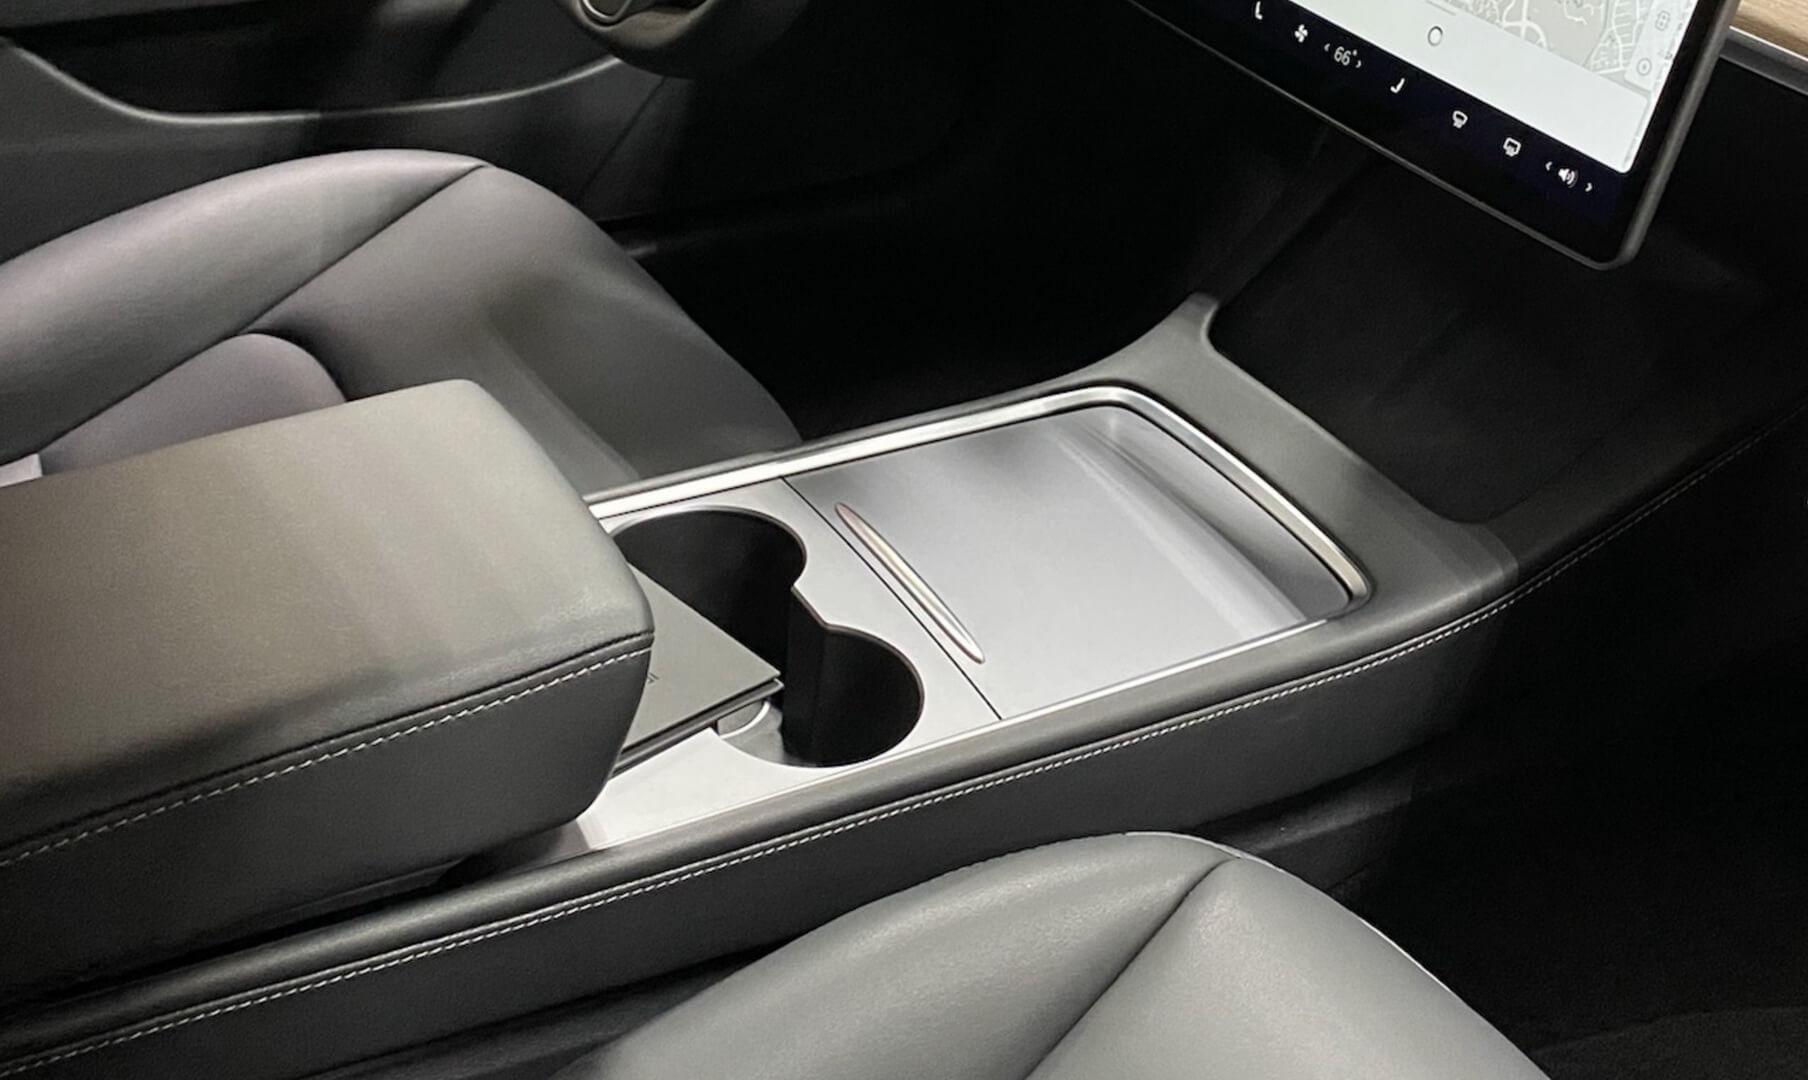 Первый снимок новой центральной консоли Tesla Model 3